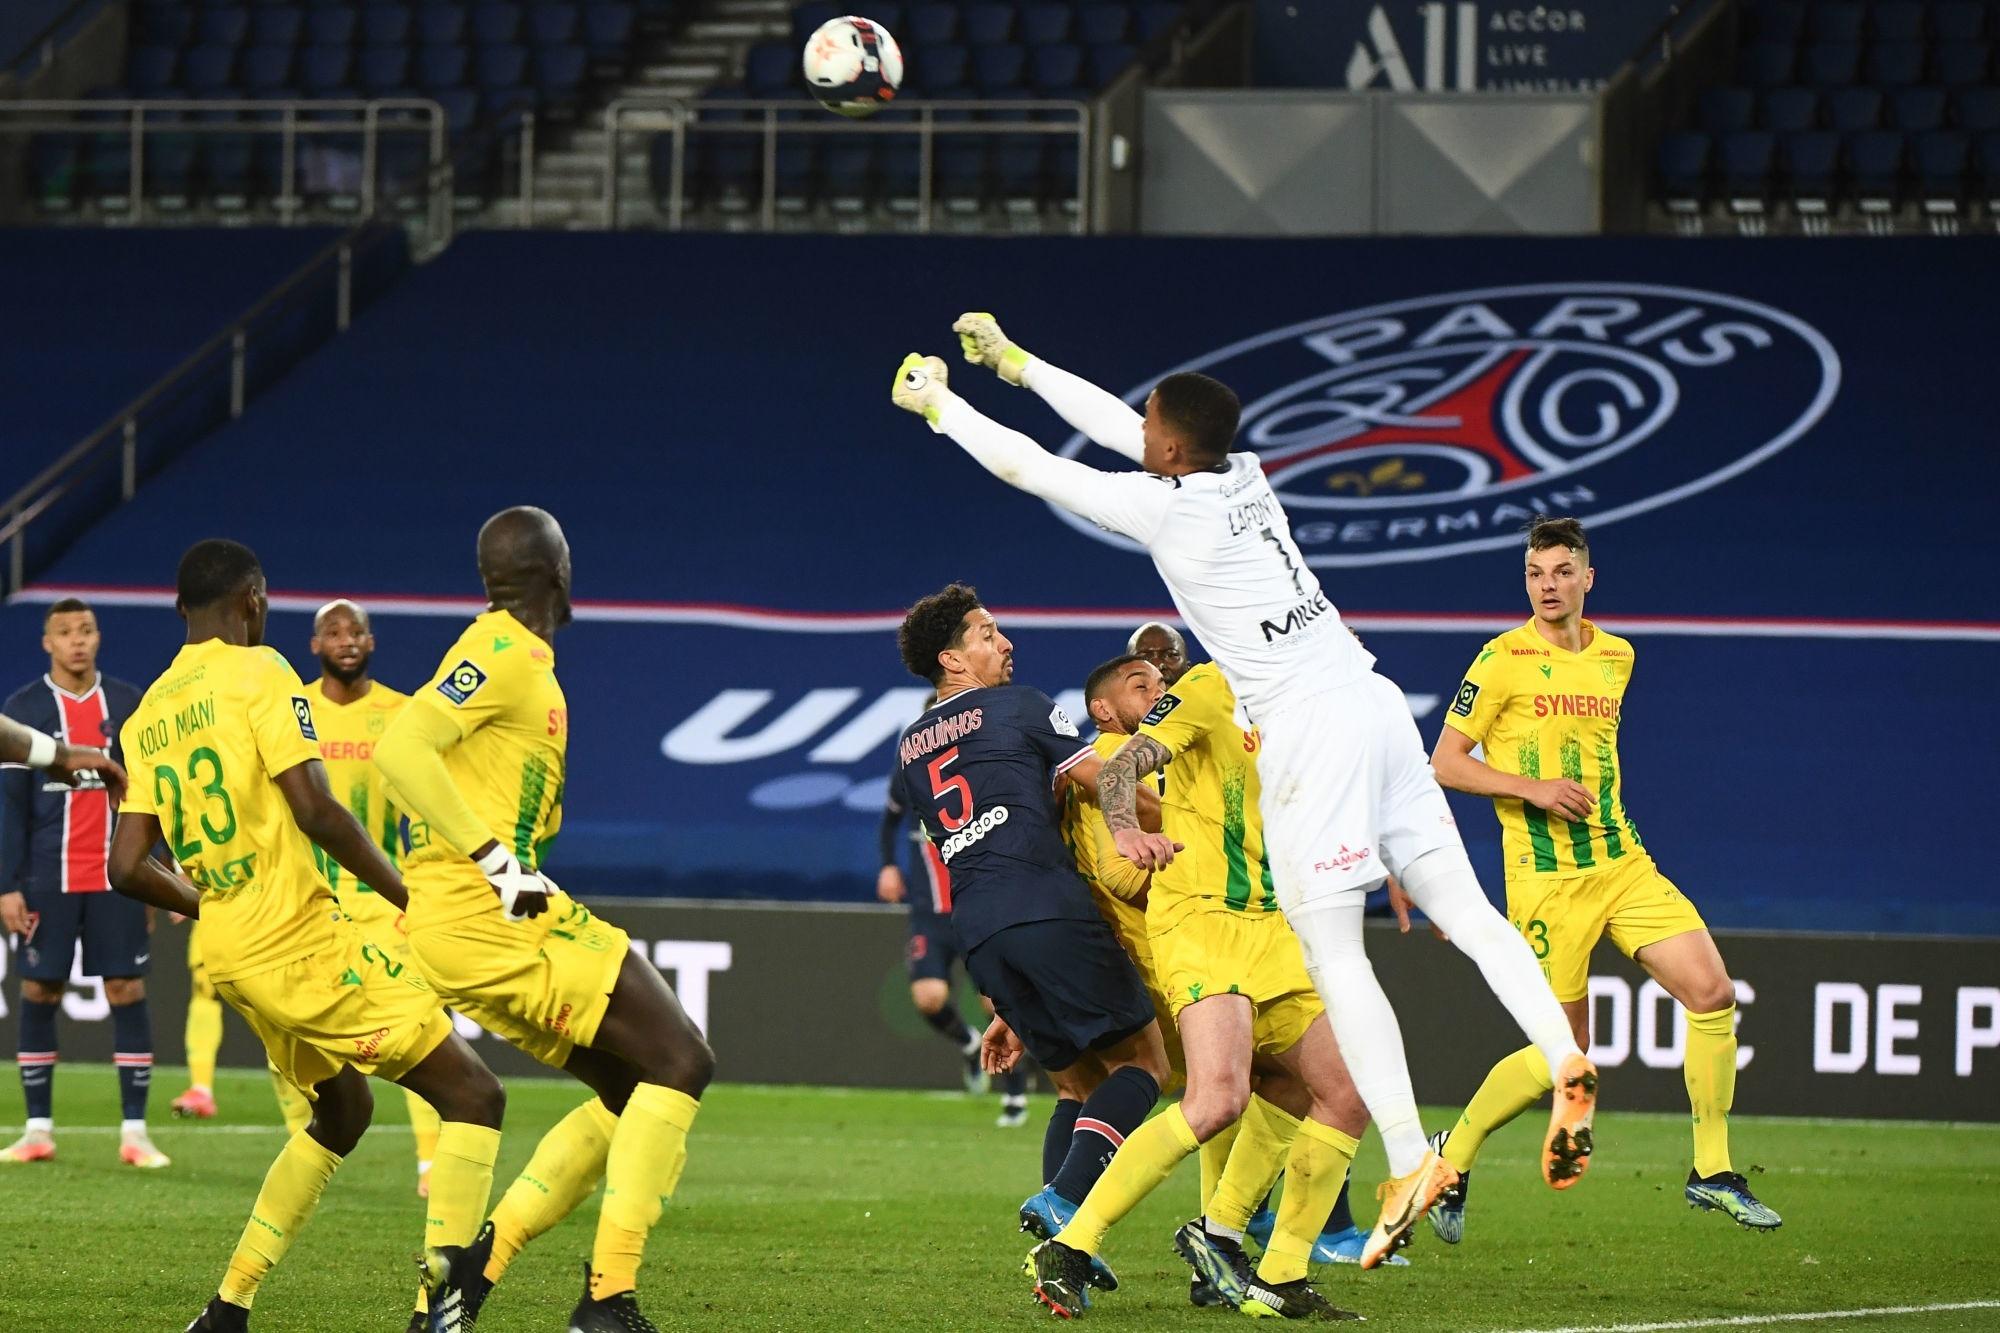 Résumé PSG/Nantes (1-2) - La vidéo des buts et des temps forts du match